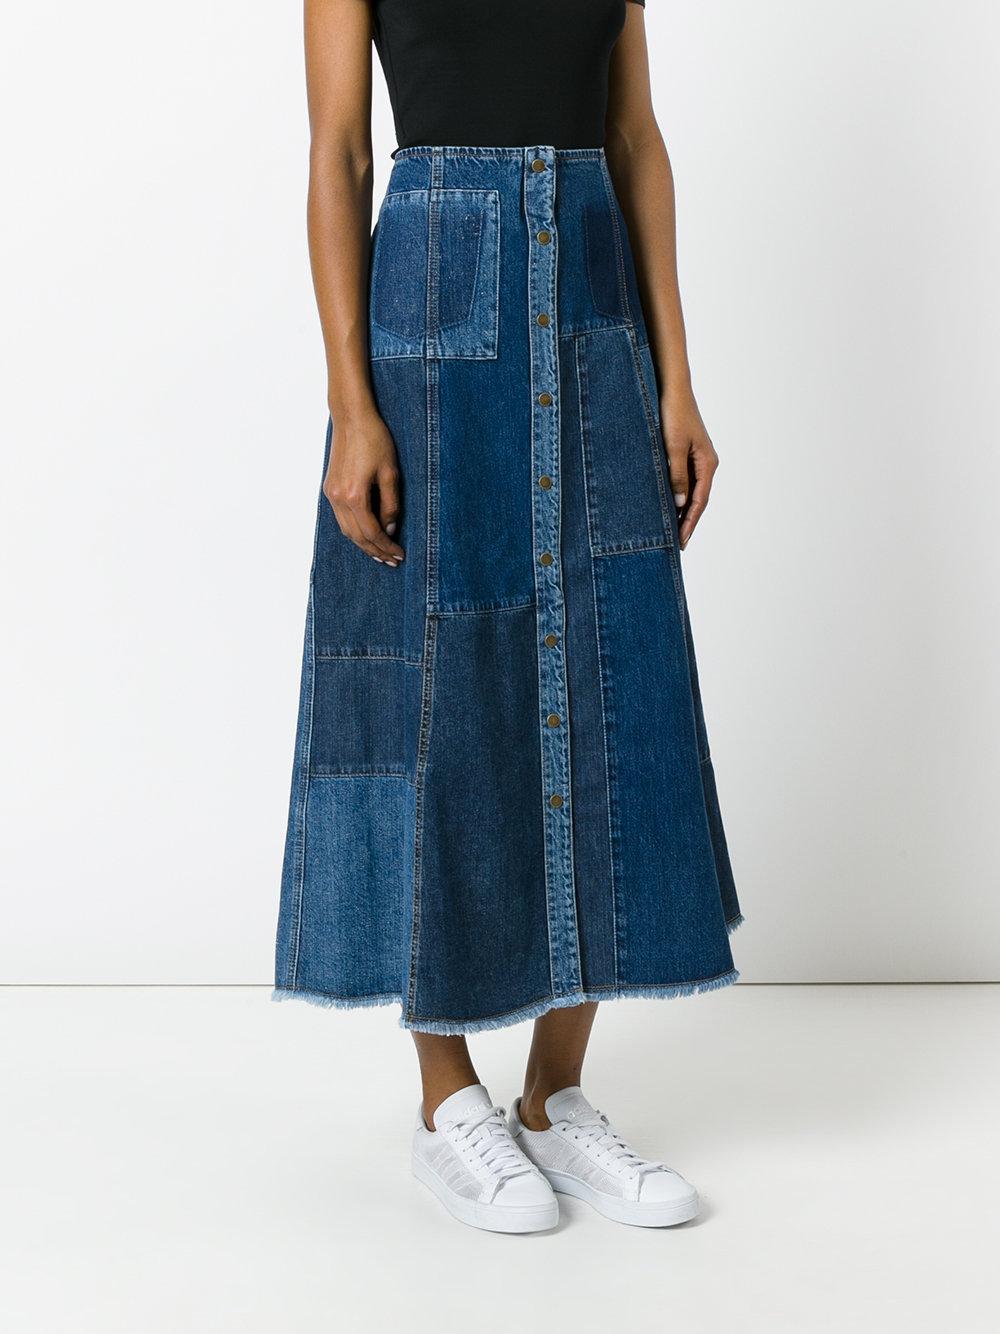 Модная джинсовая юбка А-силуэта осень-зима 2017-2018